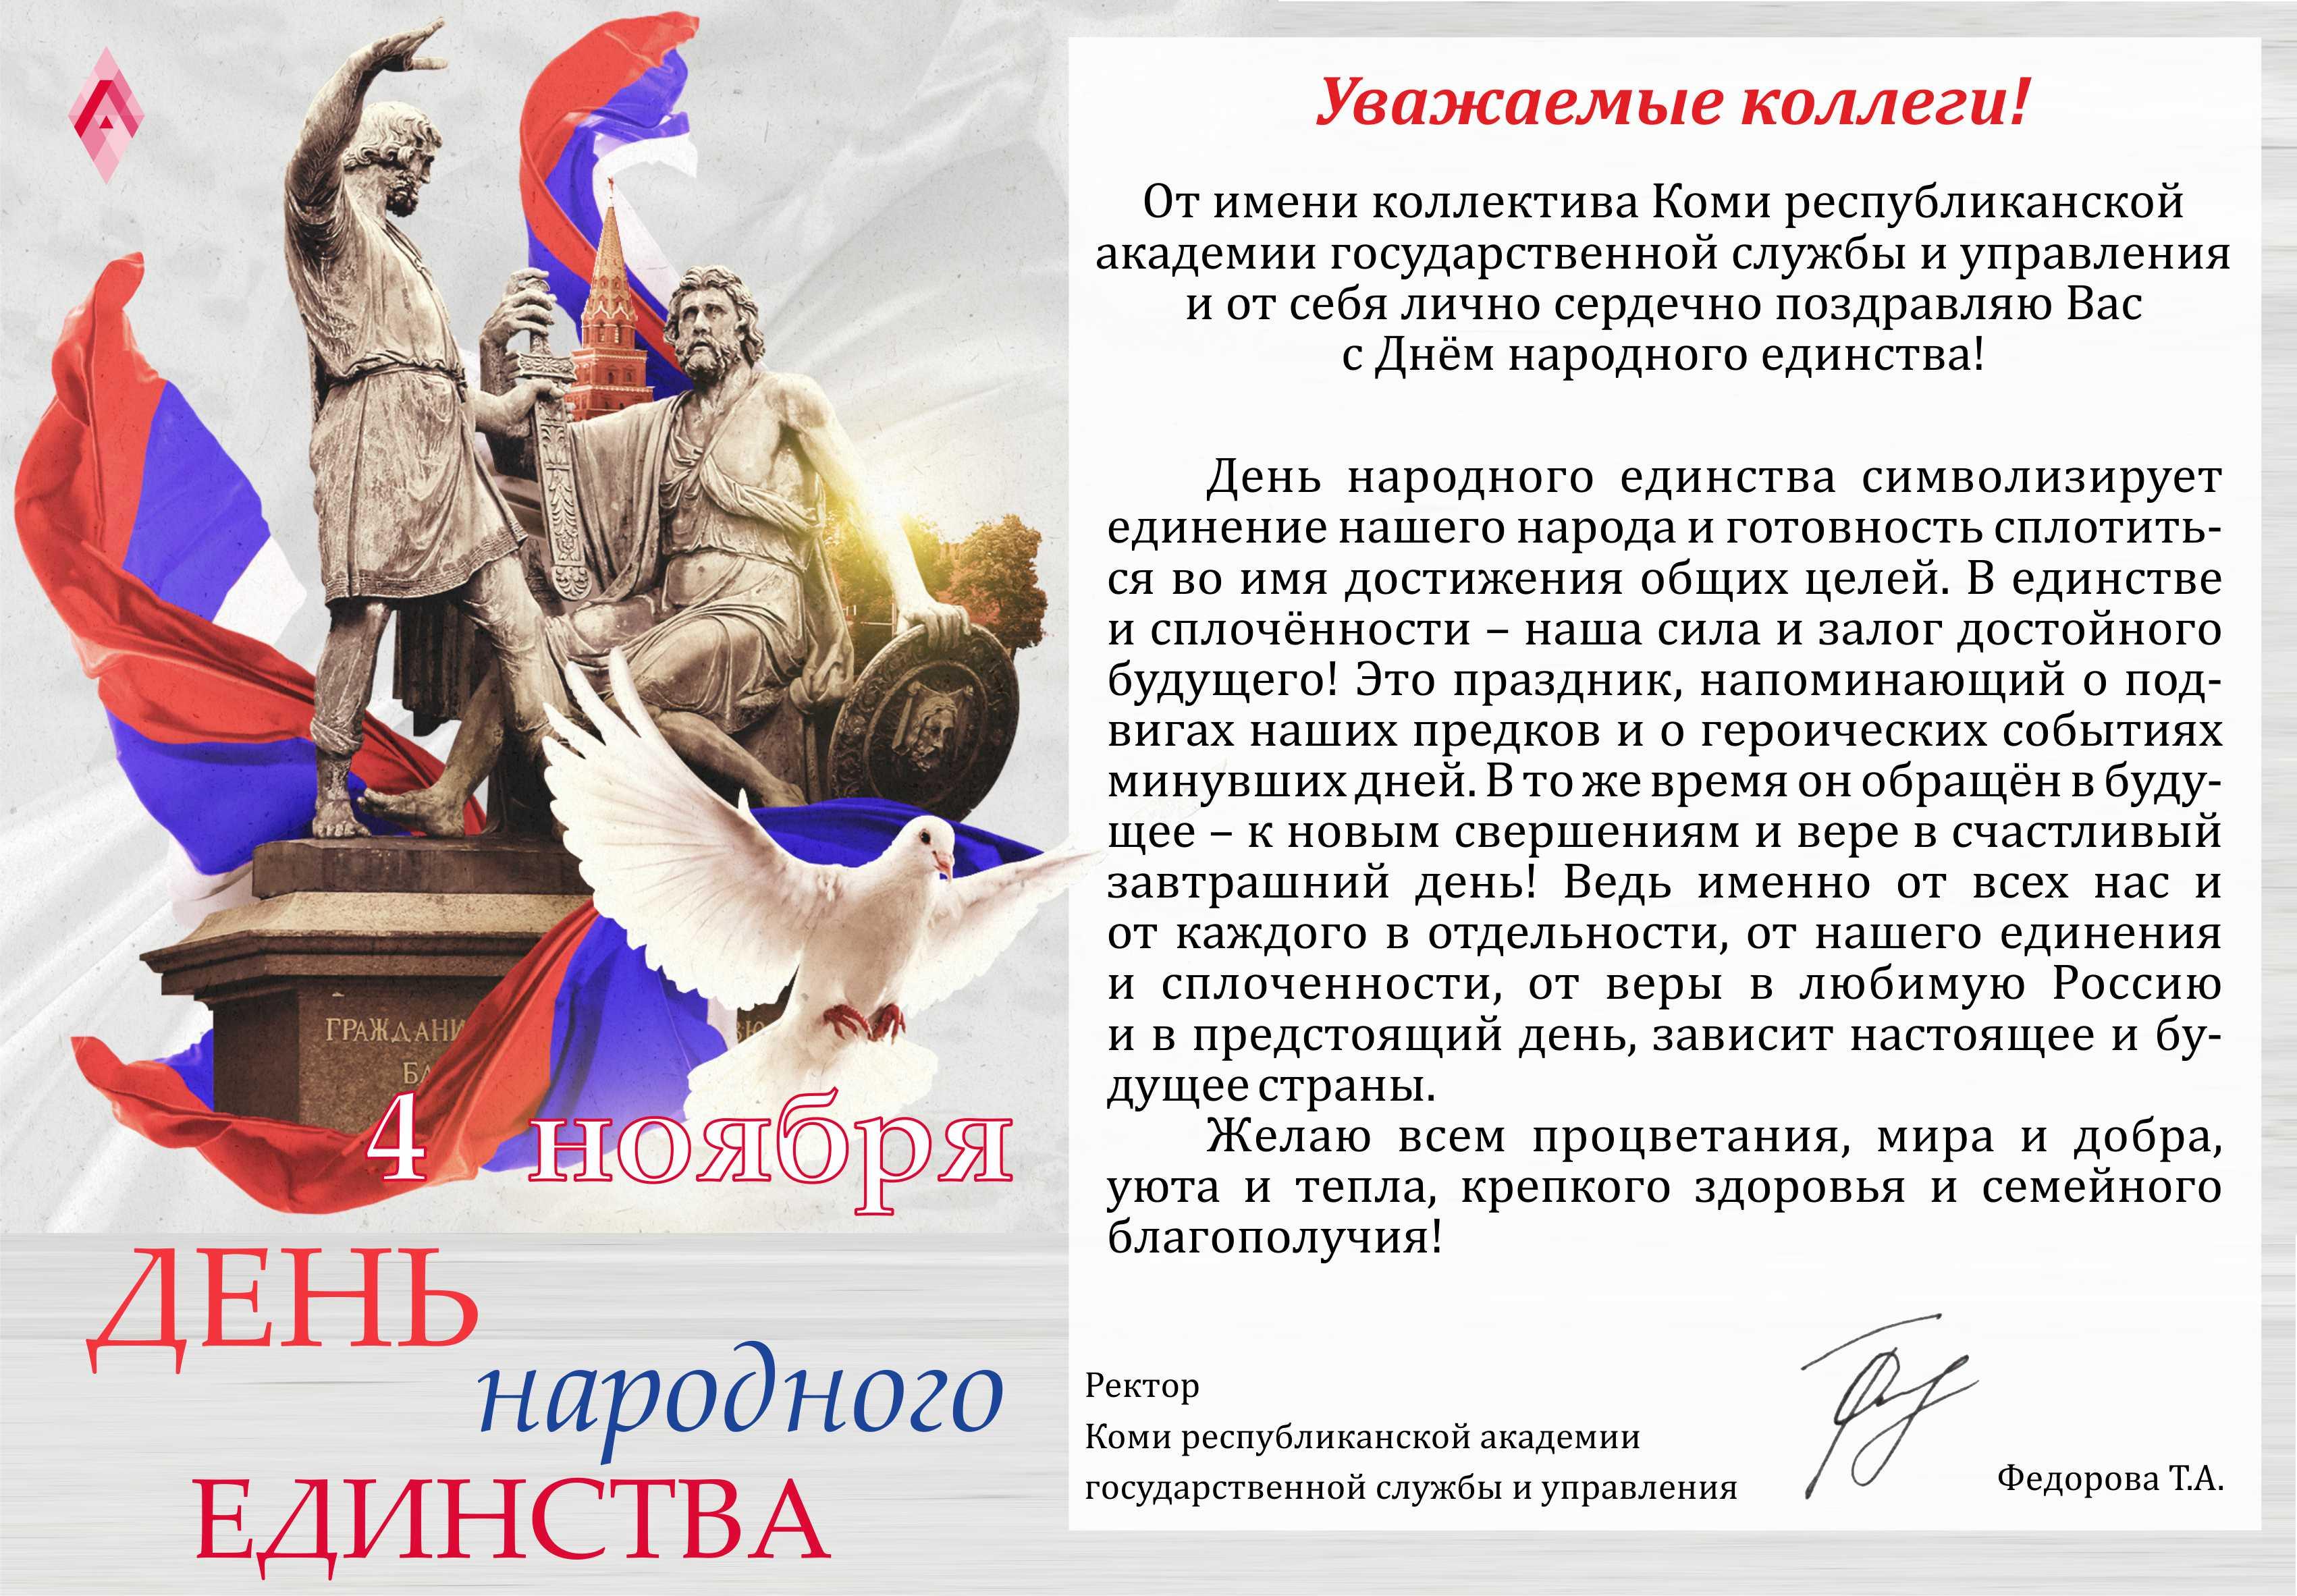 Поздравления с днем народного единства губернатора